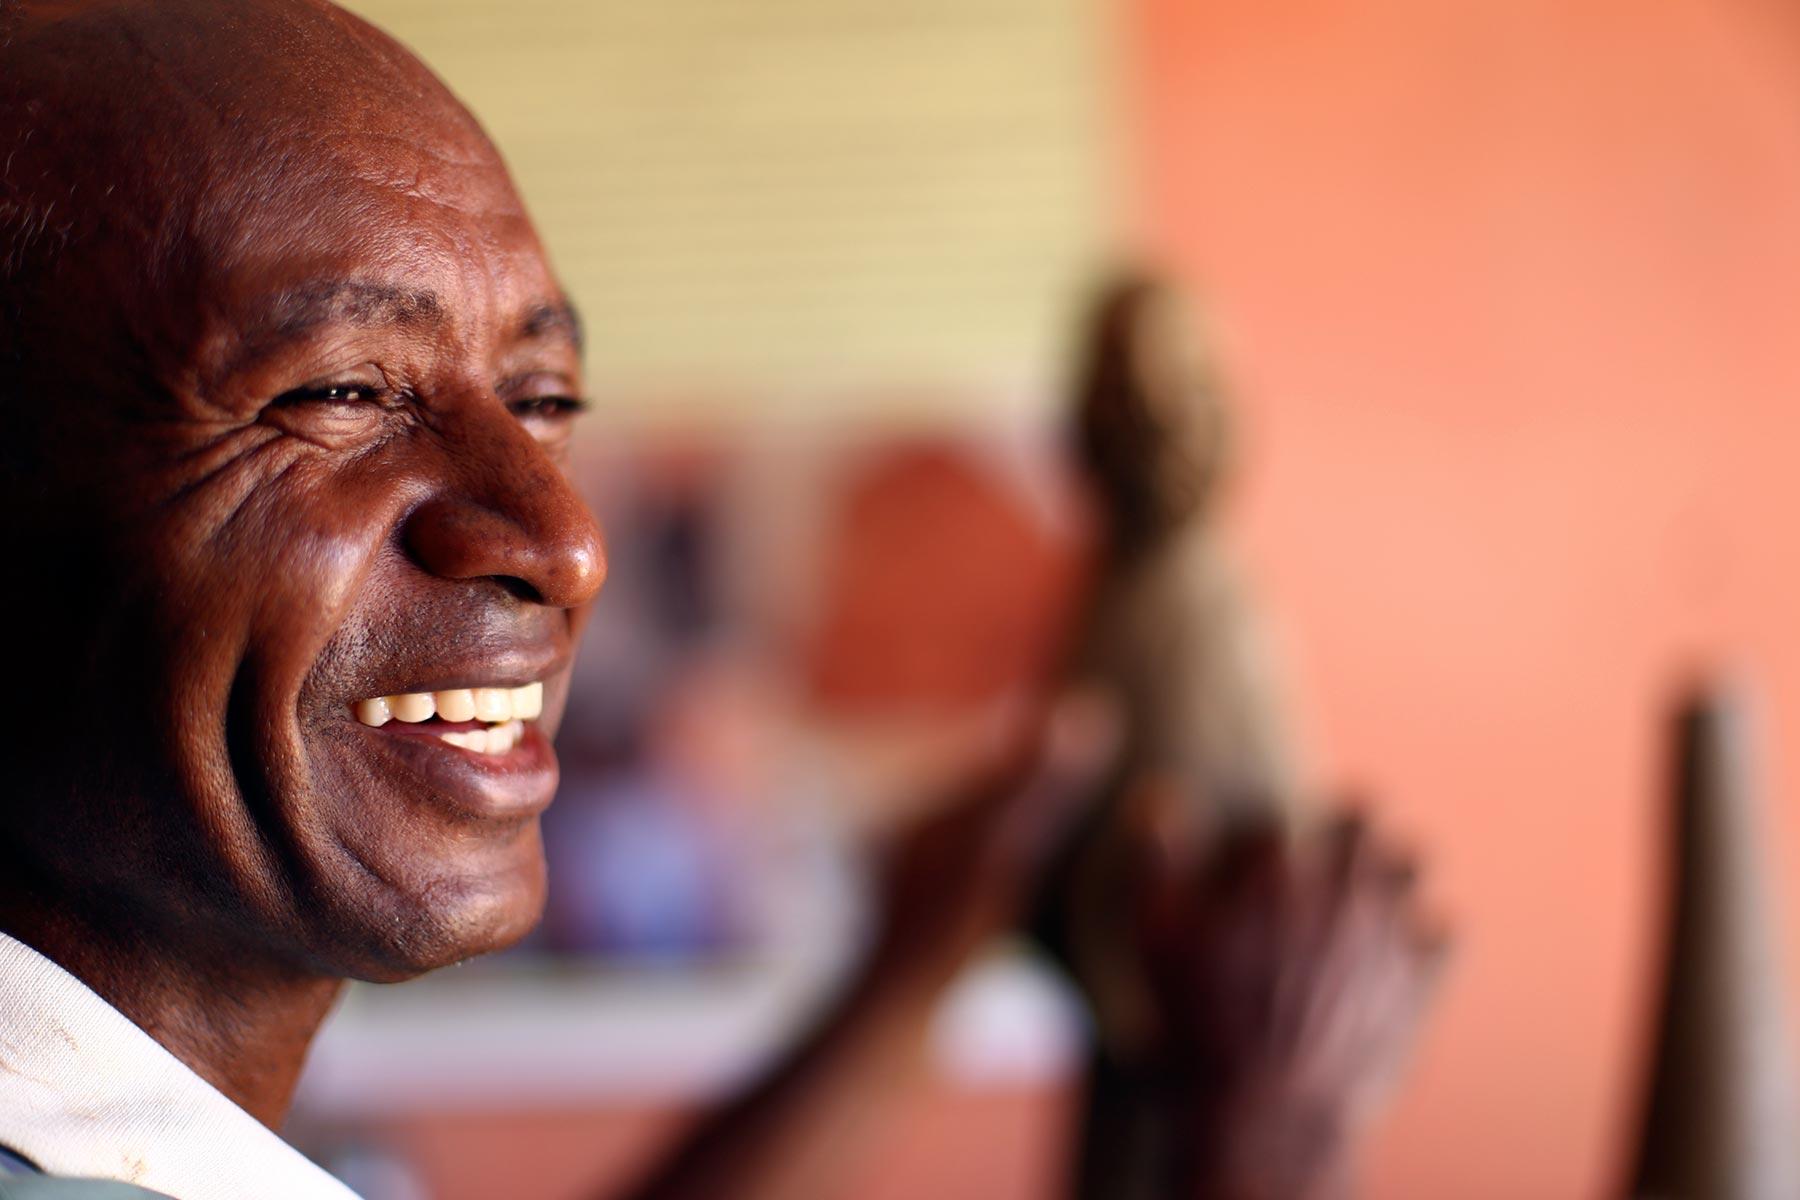 Mestre Zuza, de Tracunhaém, na Mata Norte de Pernambuco, tem 57 anos, trabalha com o barro desde os 14 e se especializou em esculpir santos